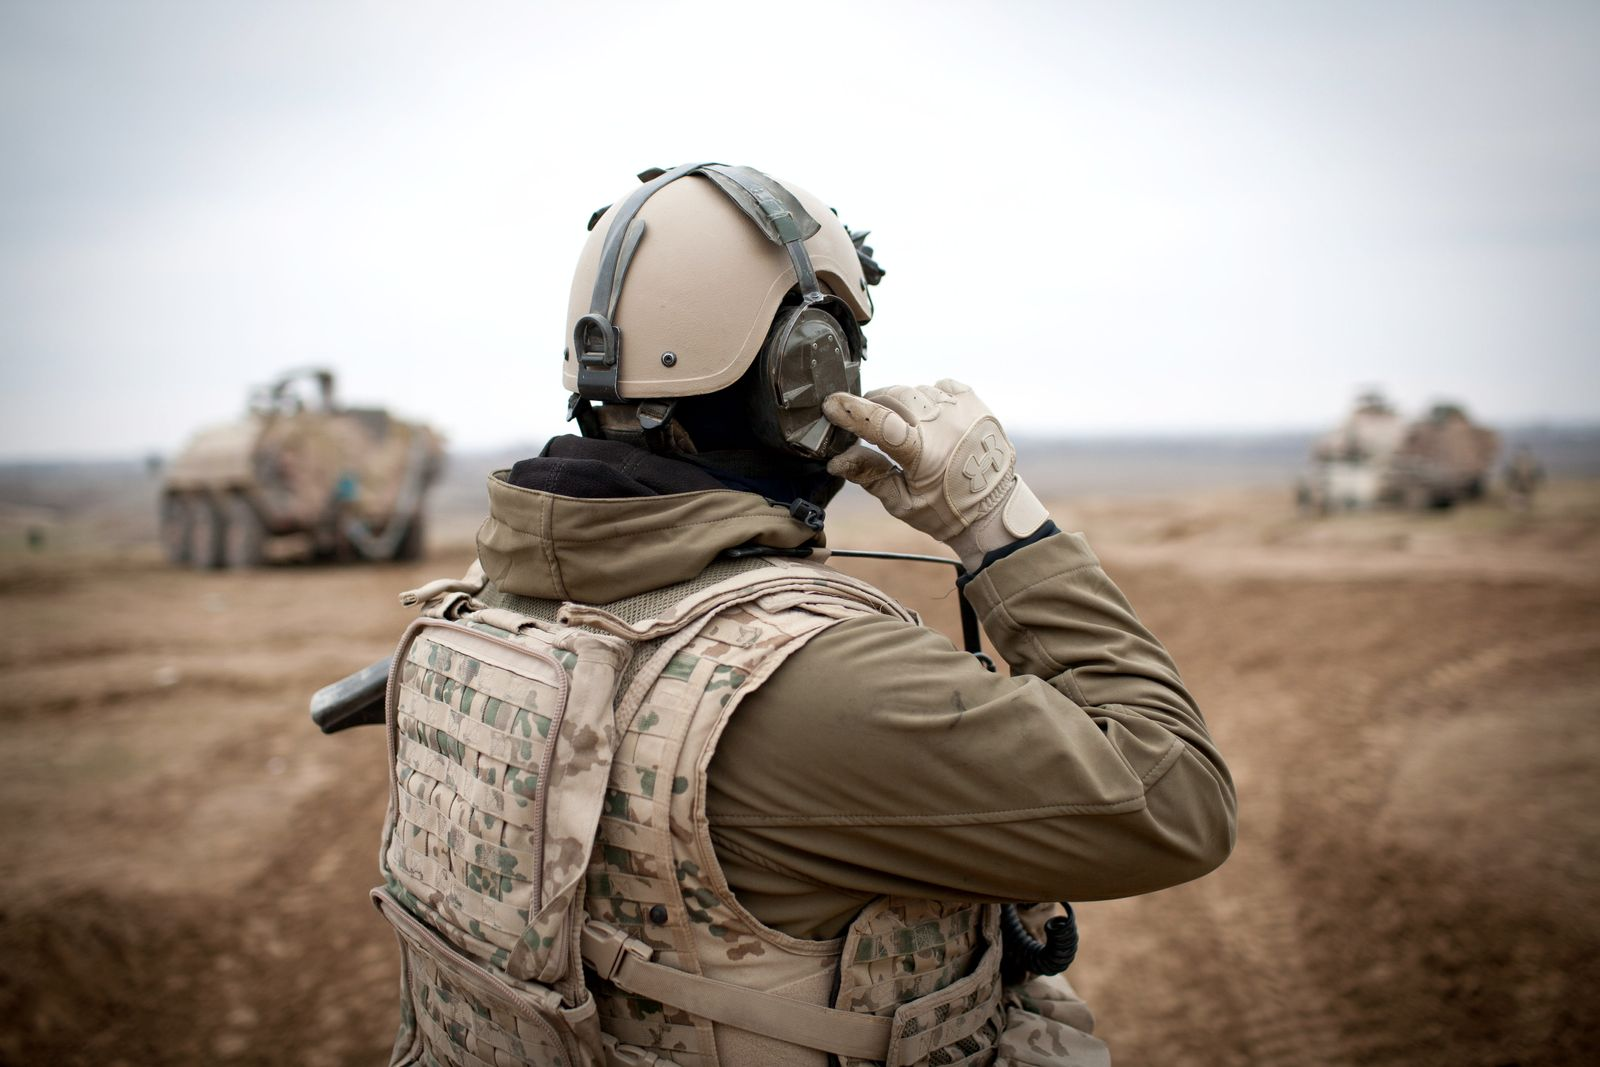 NICHT VERWENDEN Afghamistan Bundeswehr